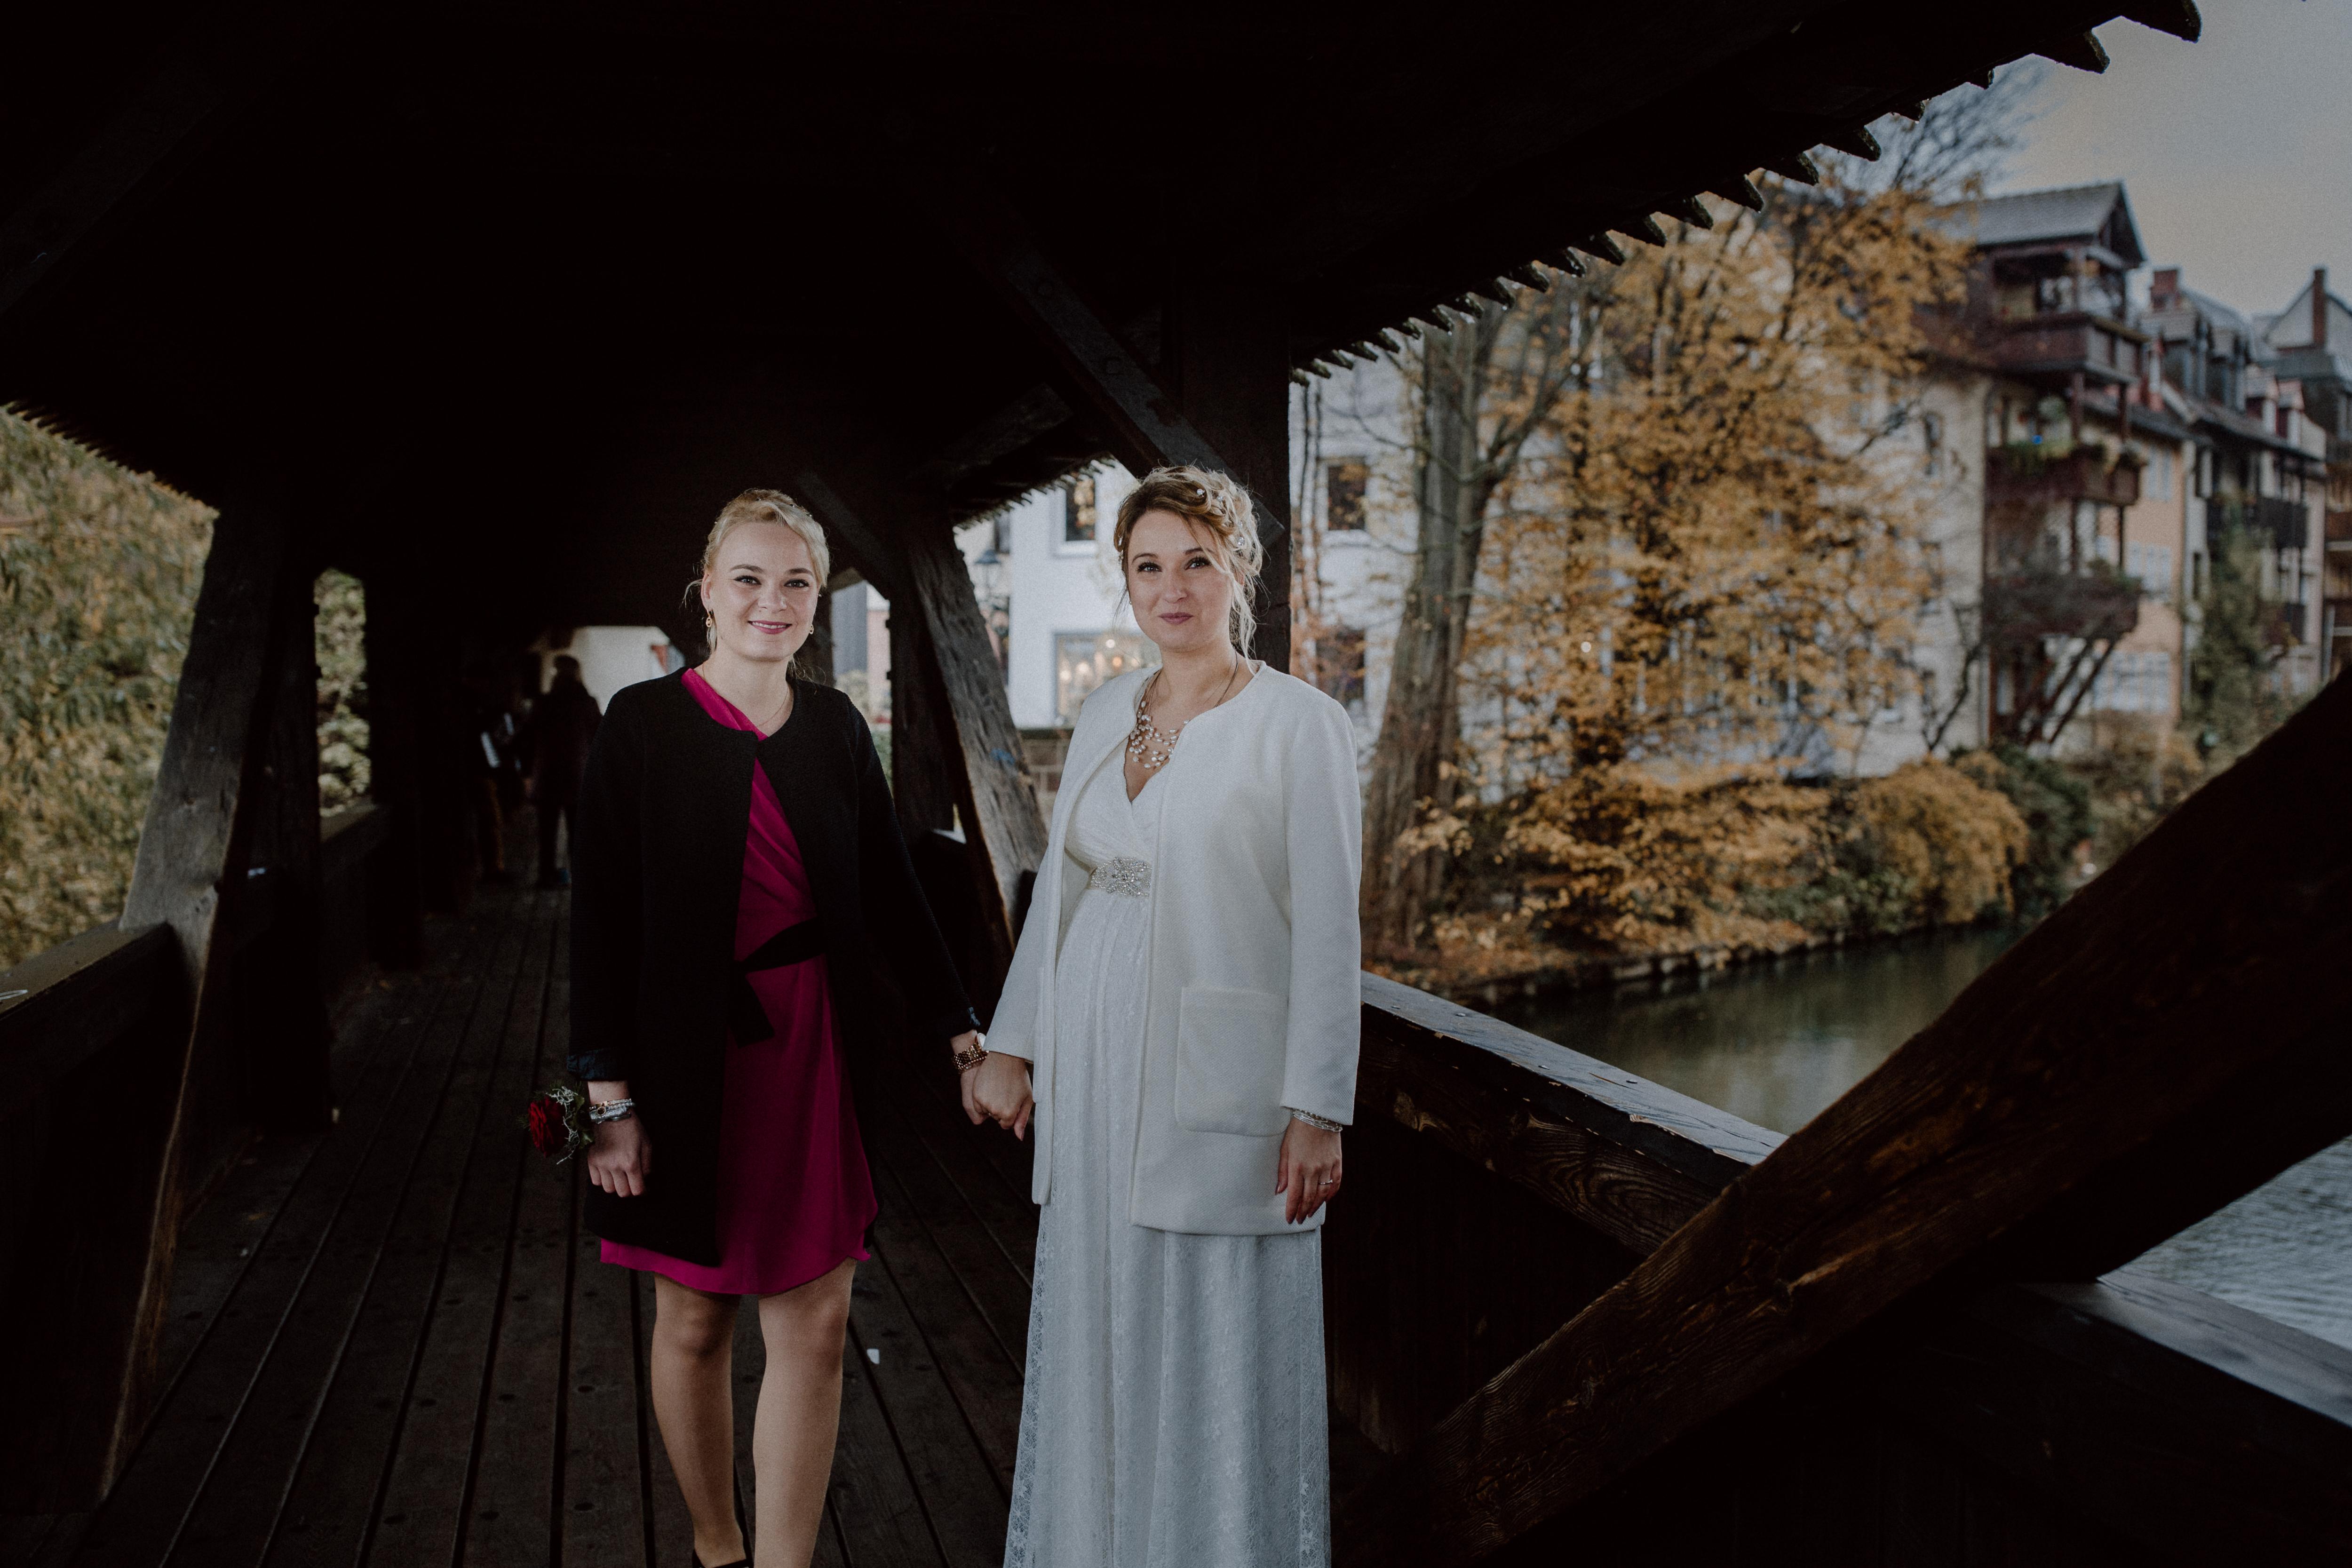 URBANERIE_Daniela_Goth_Hochzeitsfotografin_Nürnberg_Fürth_Erlangen_Schwabach_171110_0591